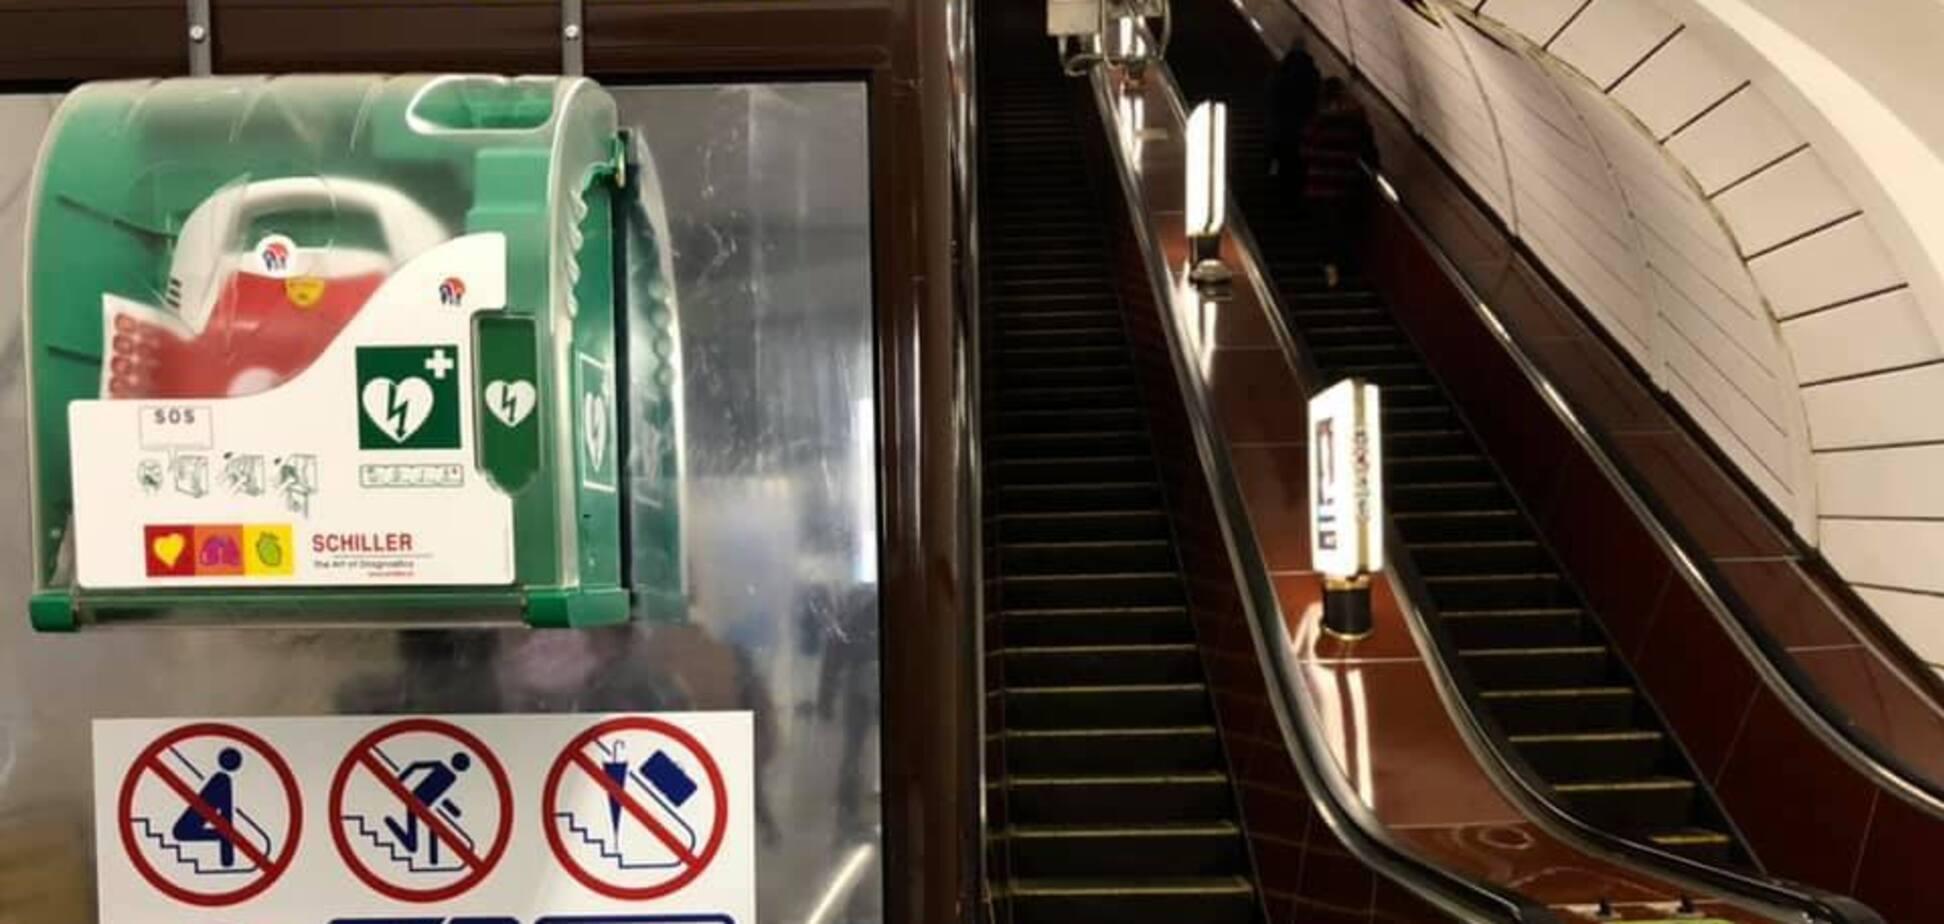 У метро Києва поліцейський врятував життя чоловікові за допомогою дефібрилятора